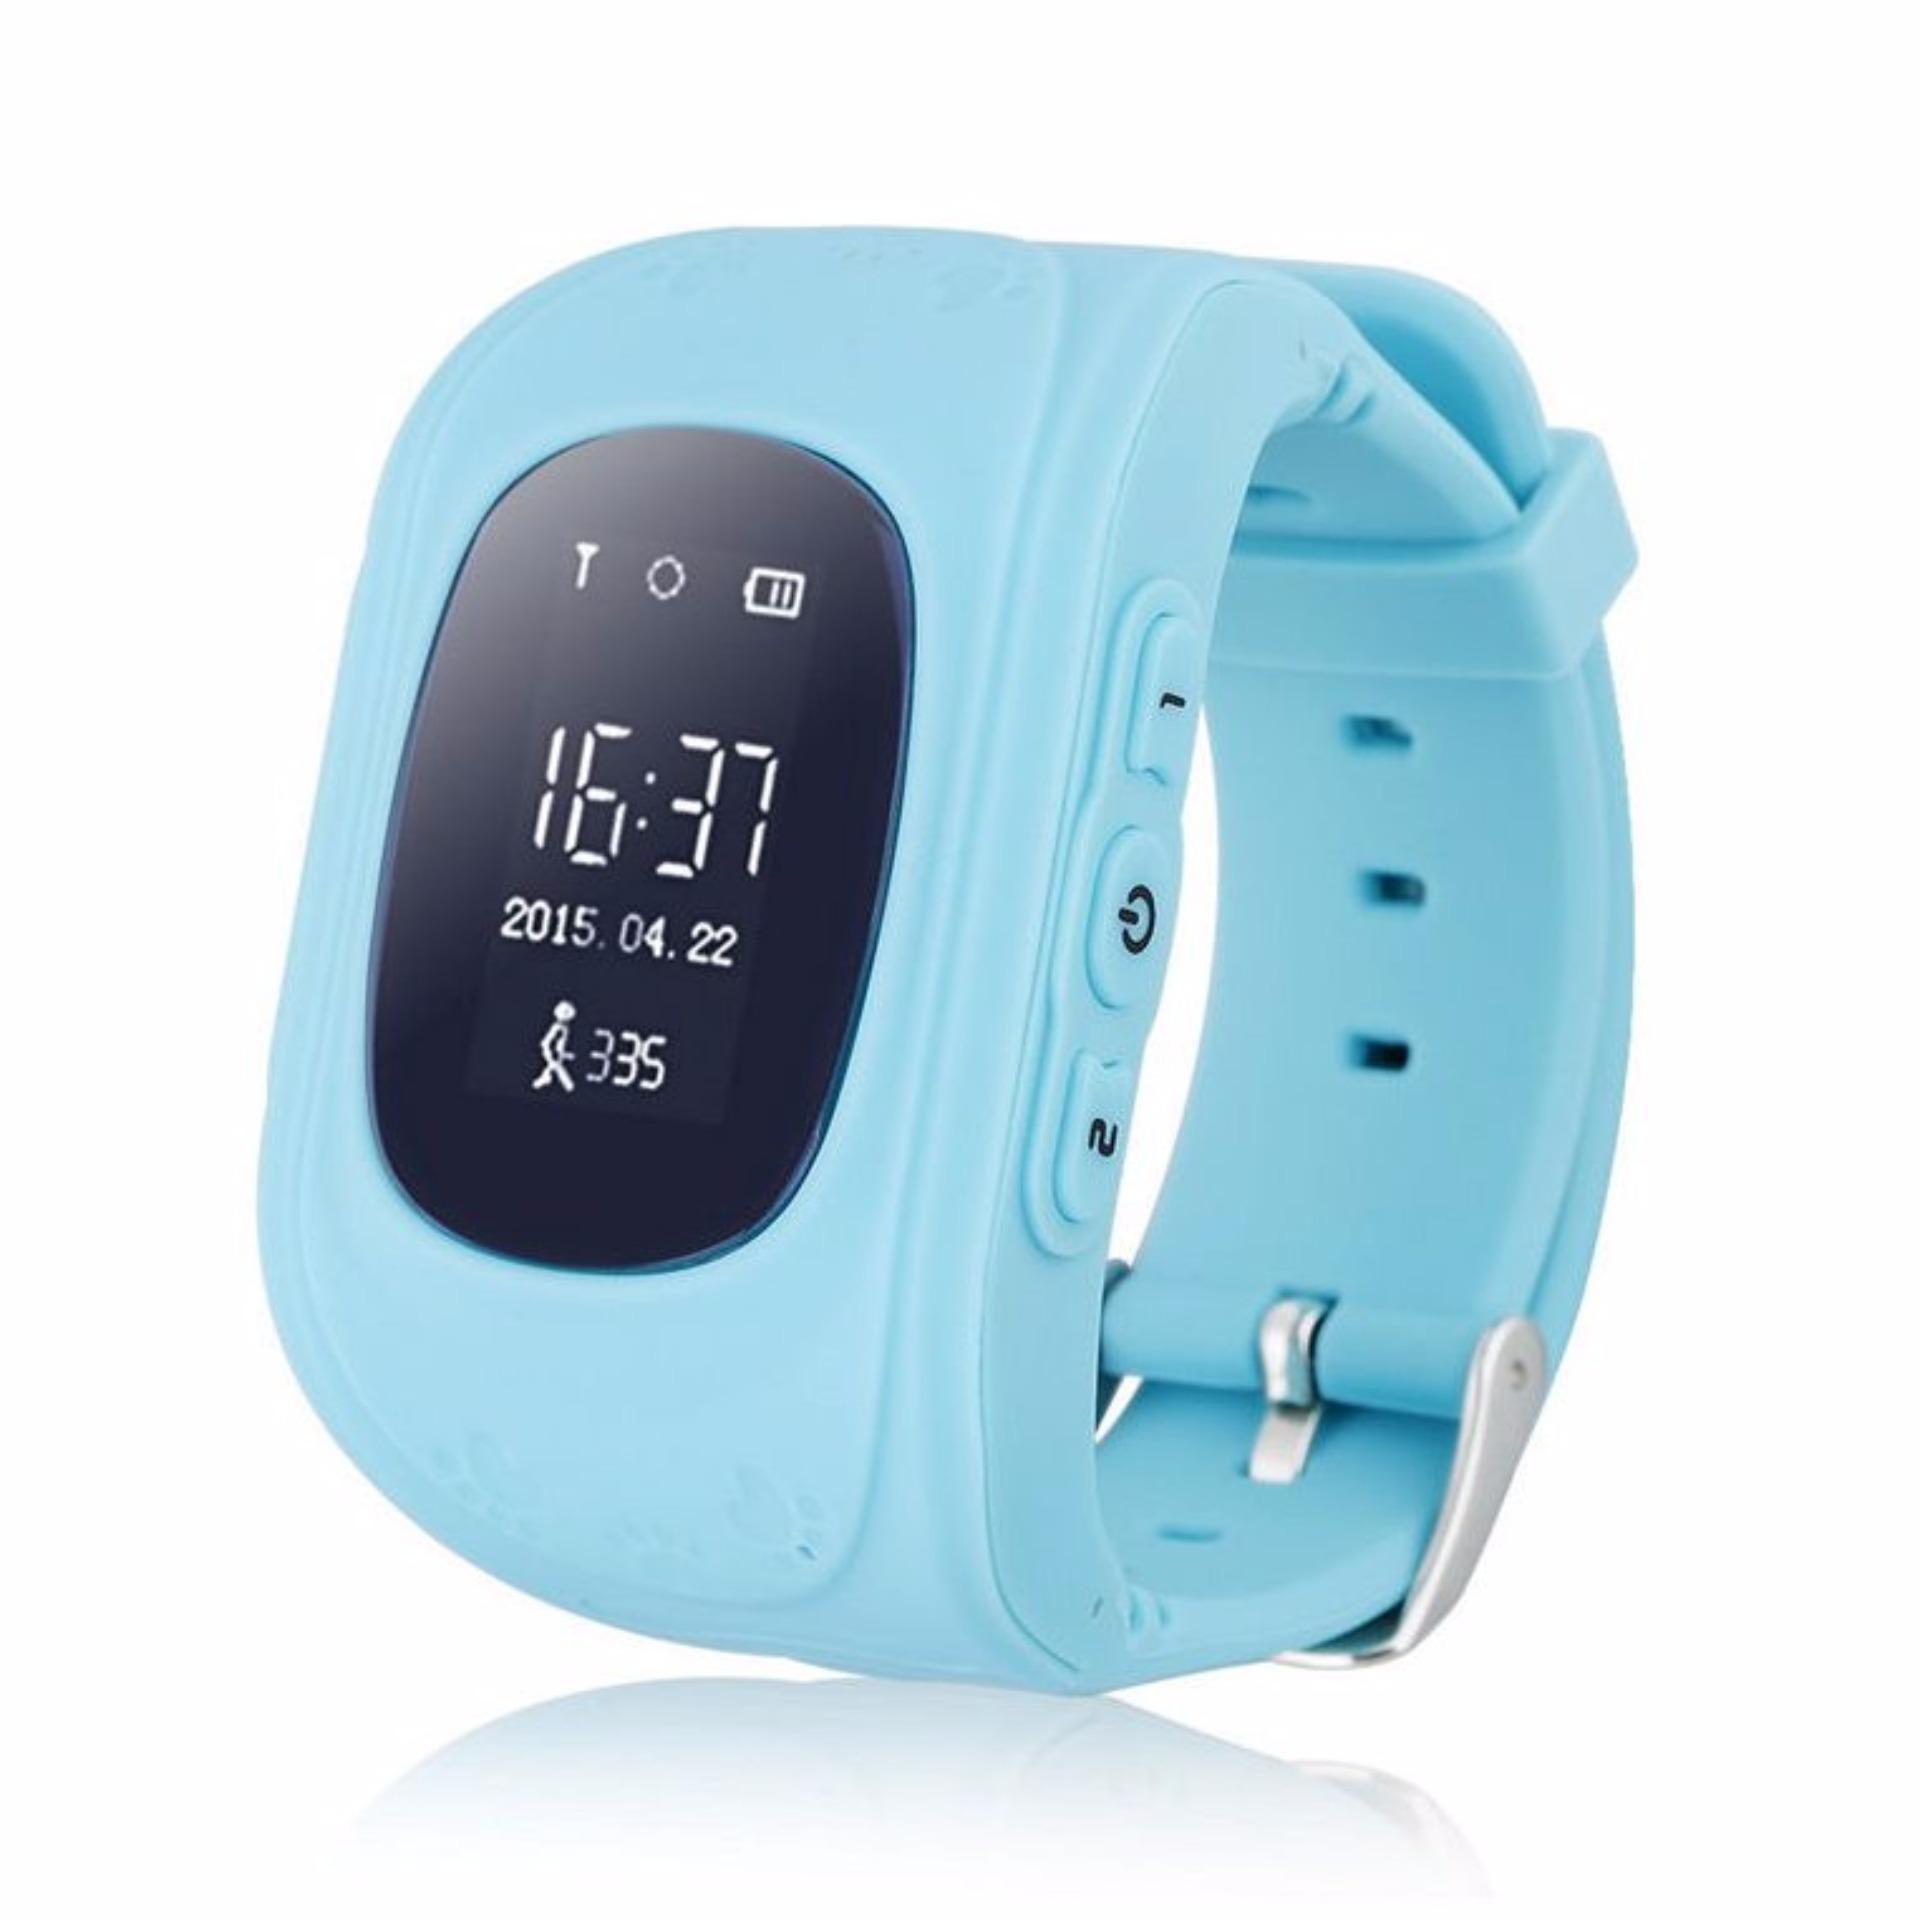 Đồng hồ giám hộ trẻ em thông minh Smartwatch (Xanh Dương)